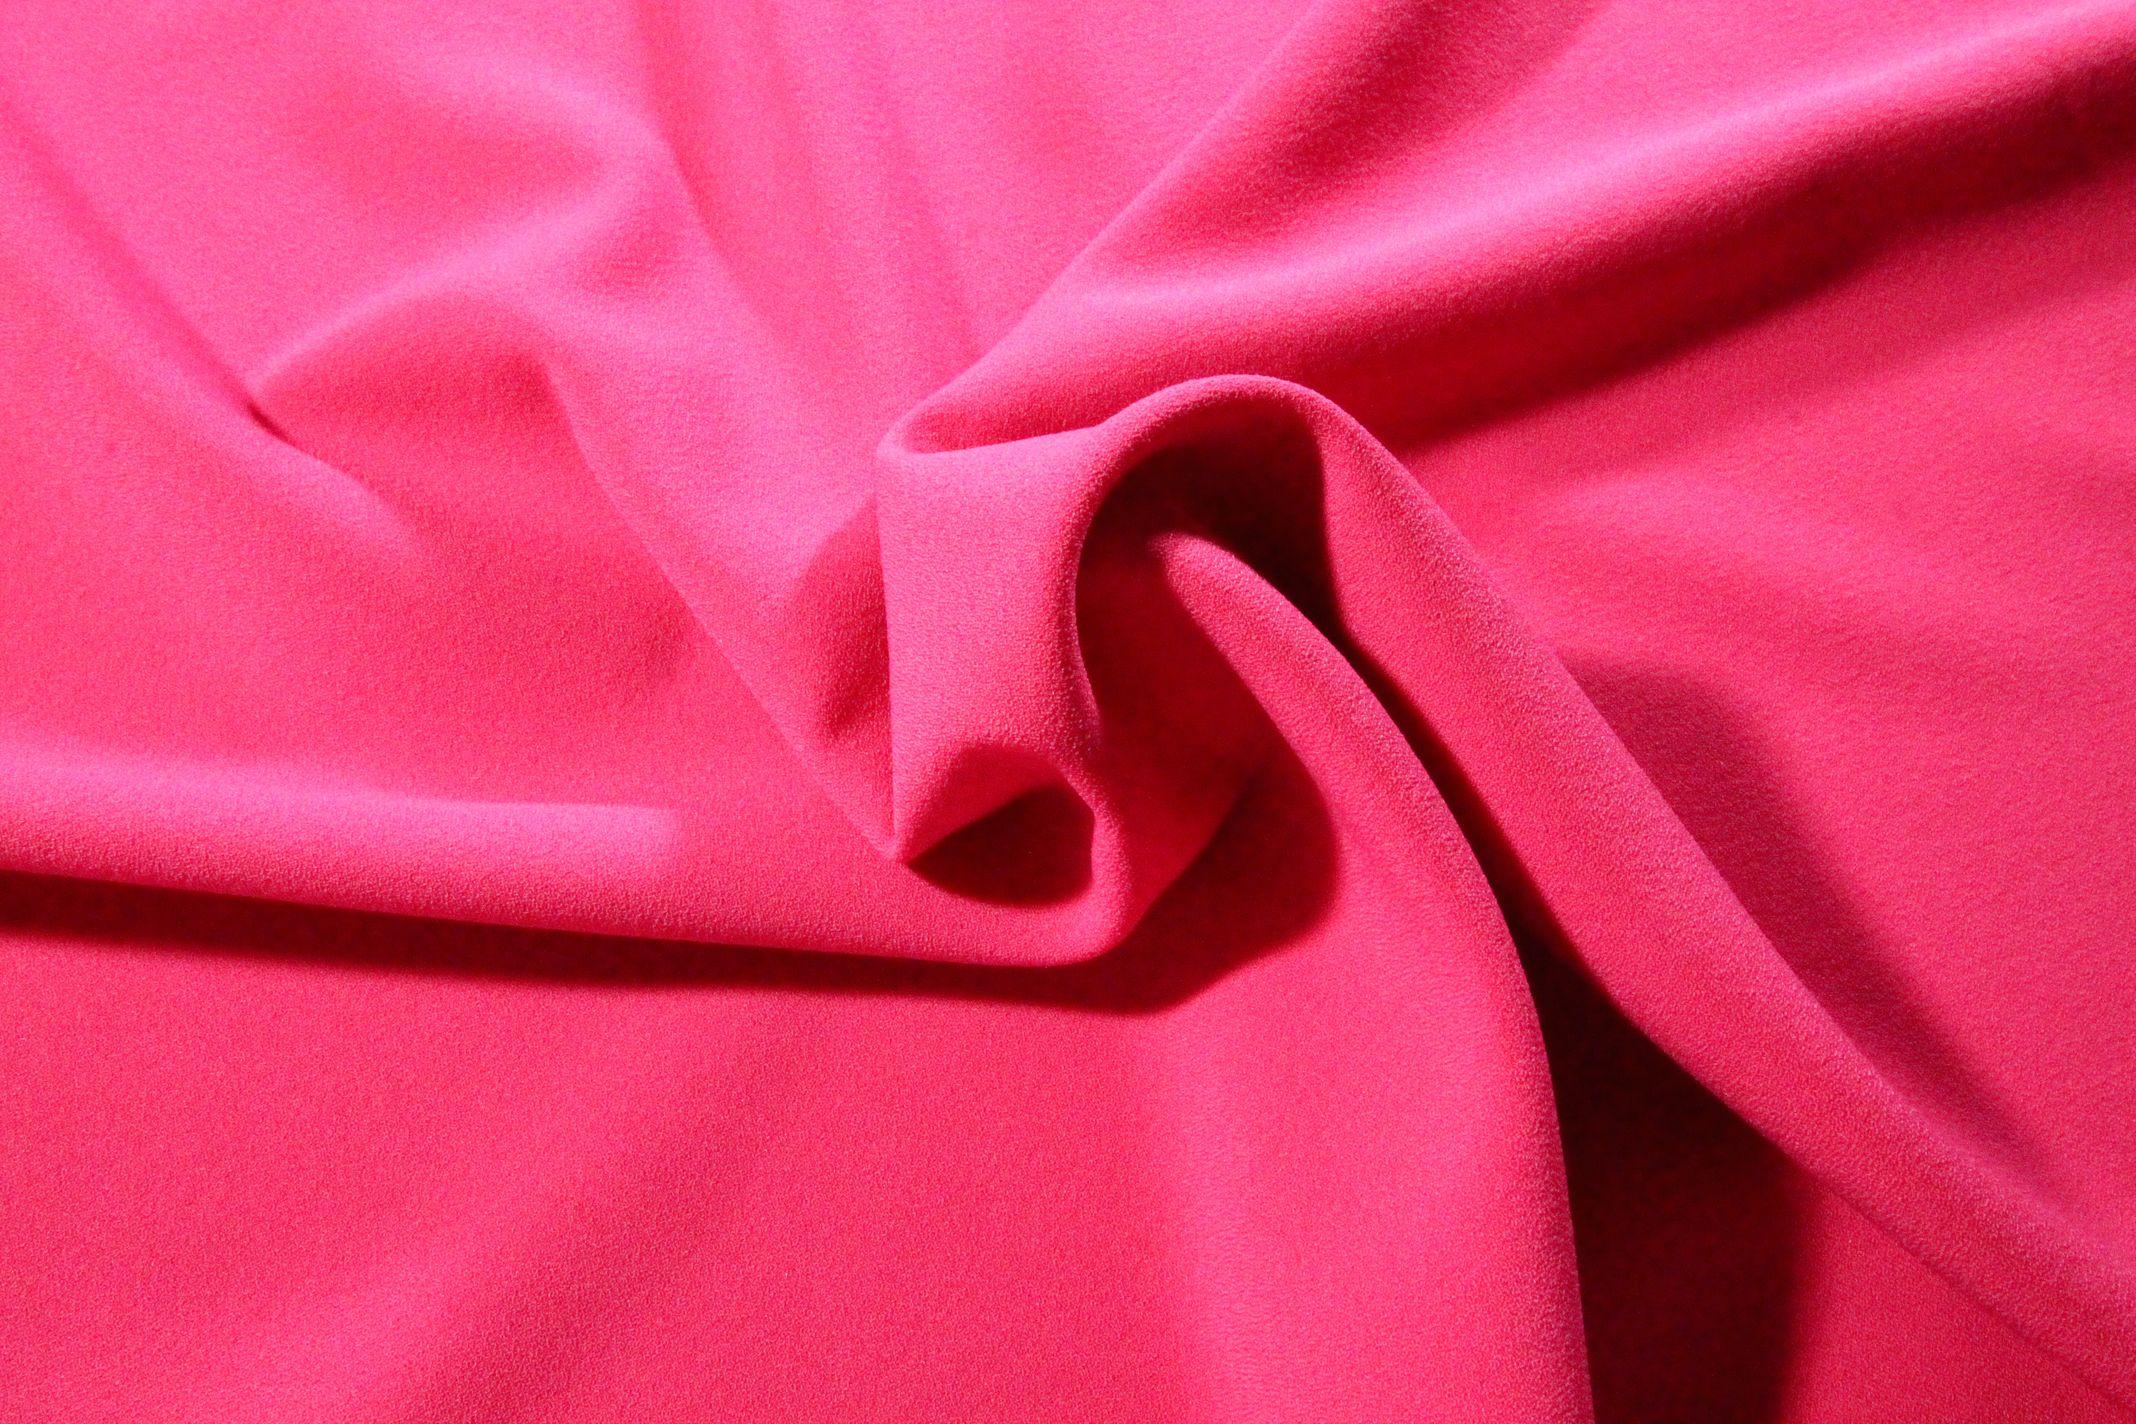 Креп костюмка - что за ткань: описание с фото, отзывы, состав | всё о тканях